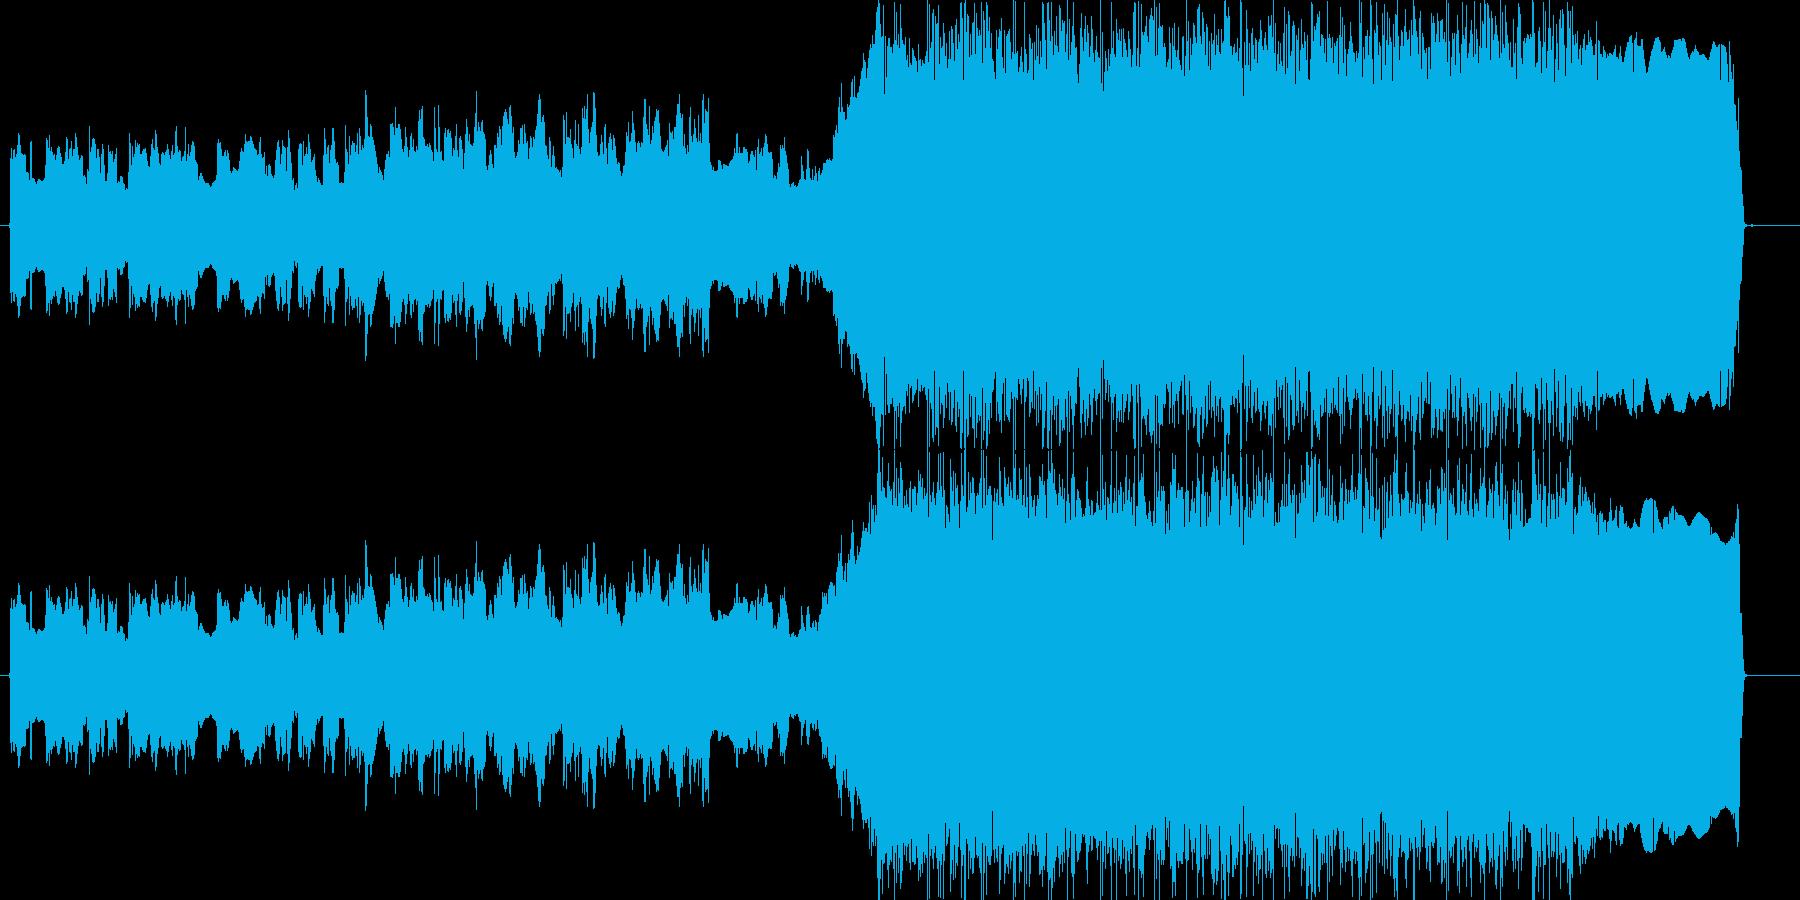 メタル KORN風 盛り上がるイントロの再生済みの波形